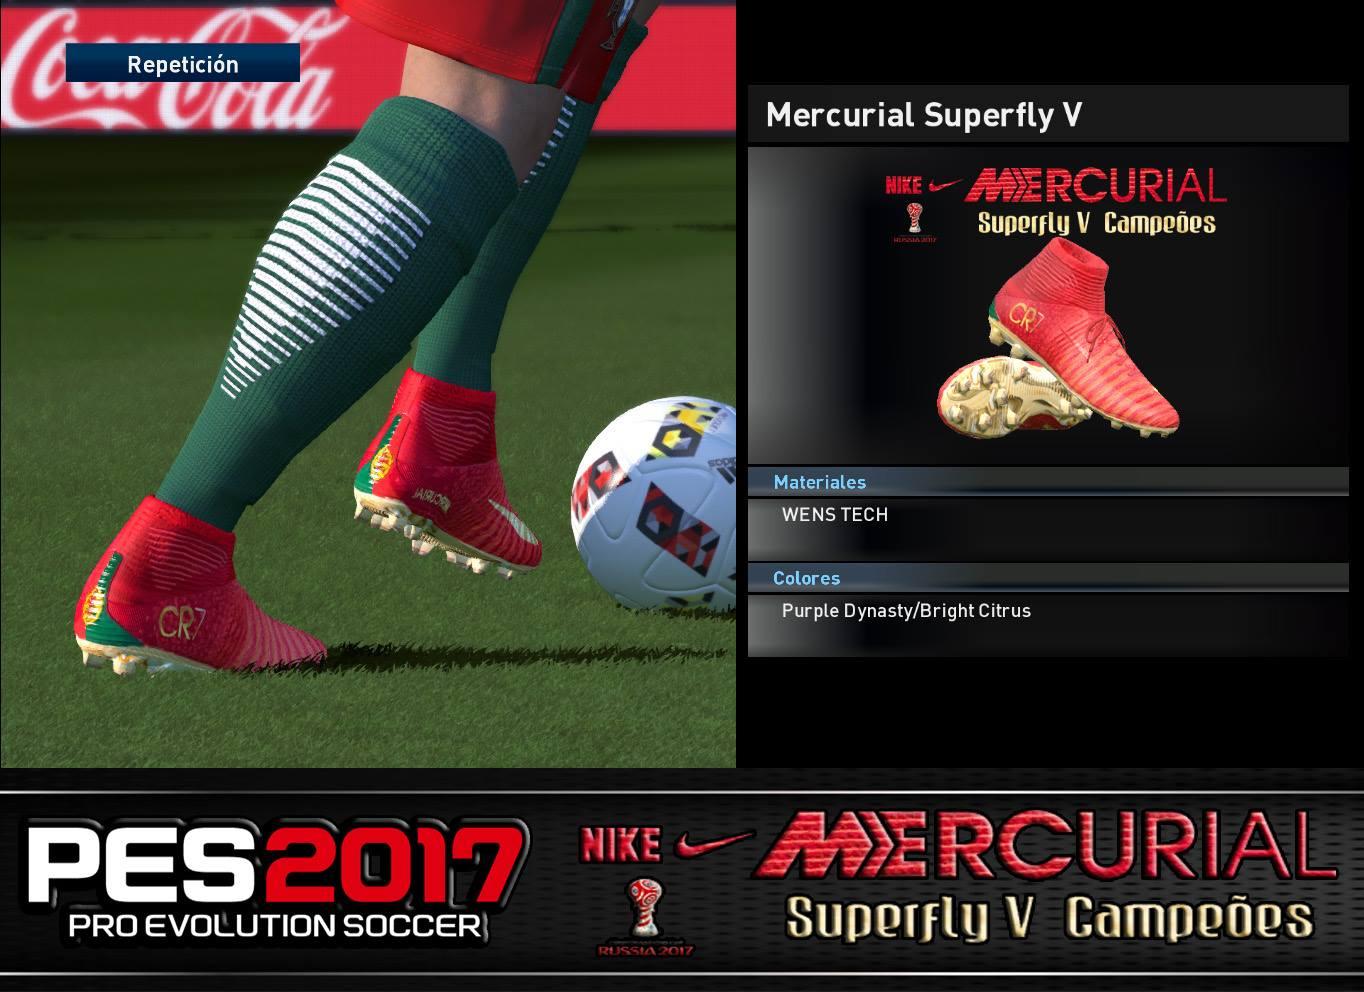 2d9e1a58db8 ultigamerz  PES 2017 Nike Mercurial Superfly V Cristiano Ronaldo ...